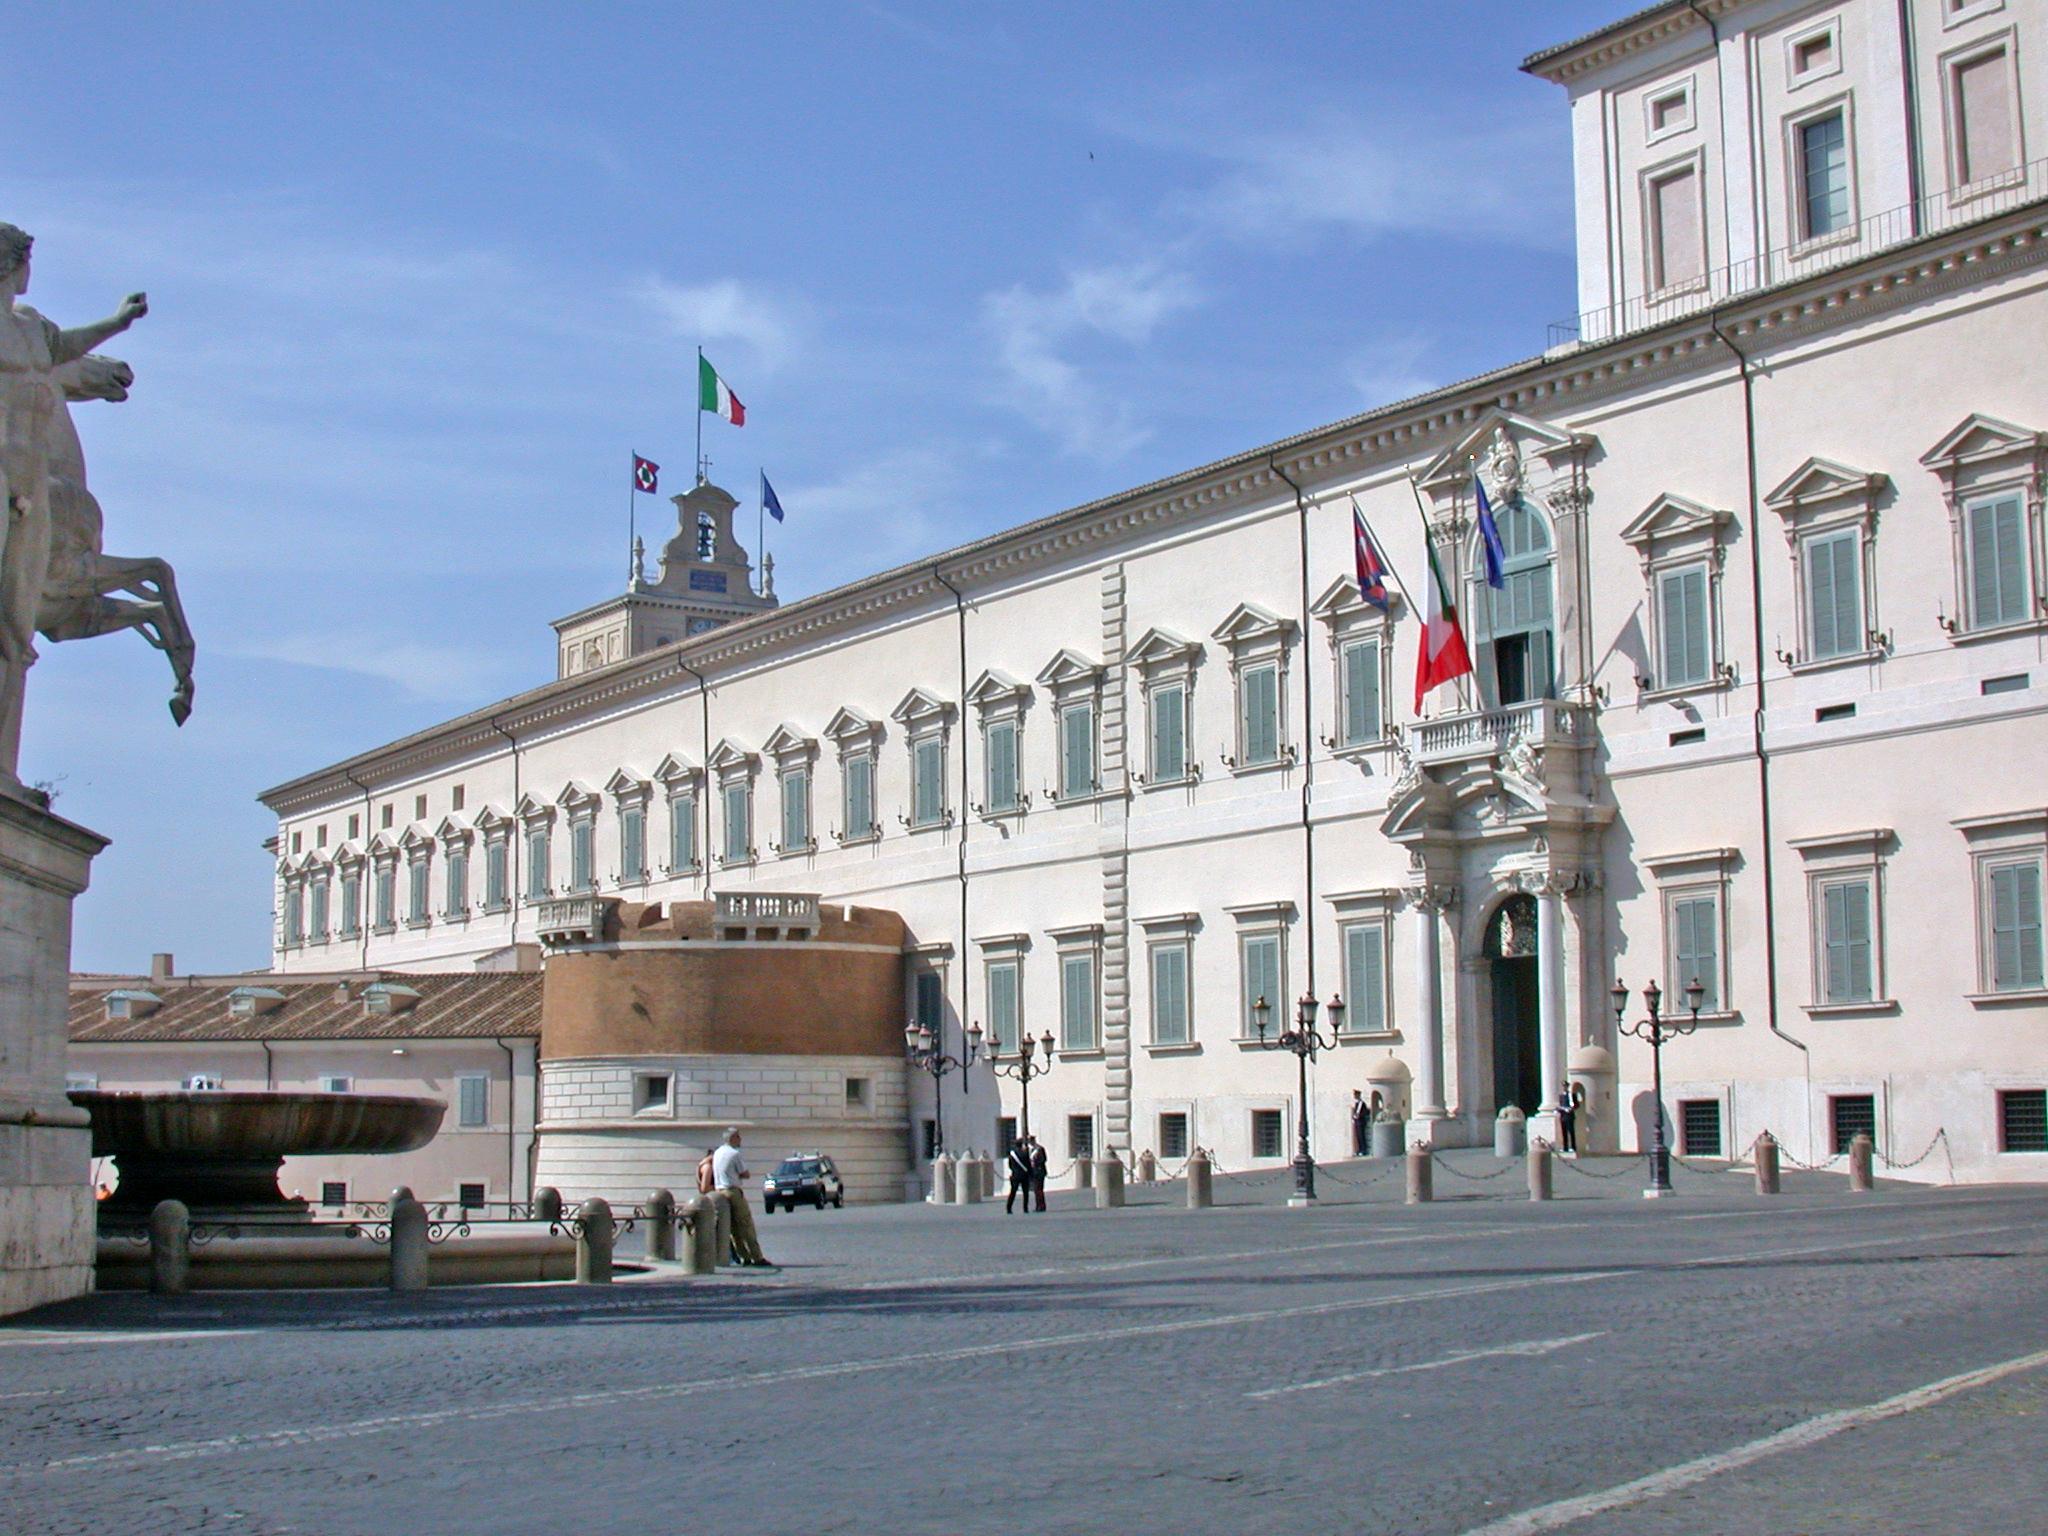 PD scontro nel PD minoranza pd opposizione Romano Prodi Renzi Presidente della Repubblica Colle